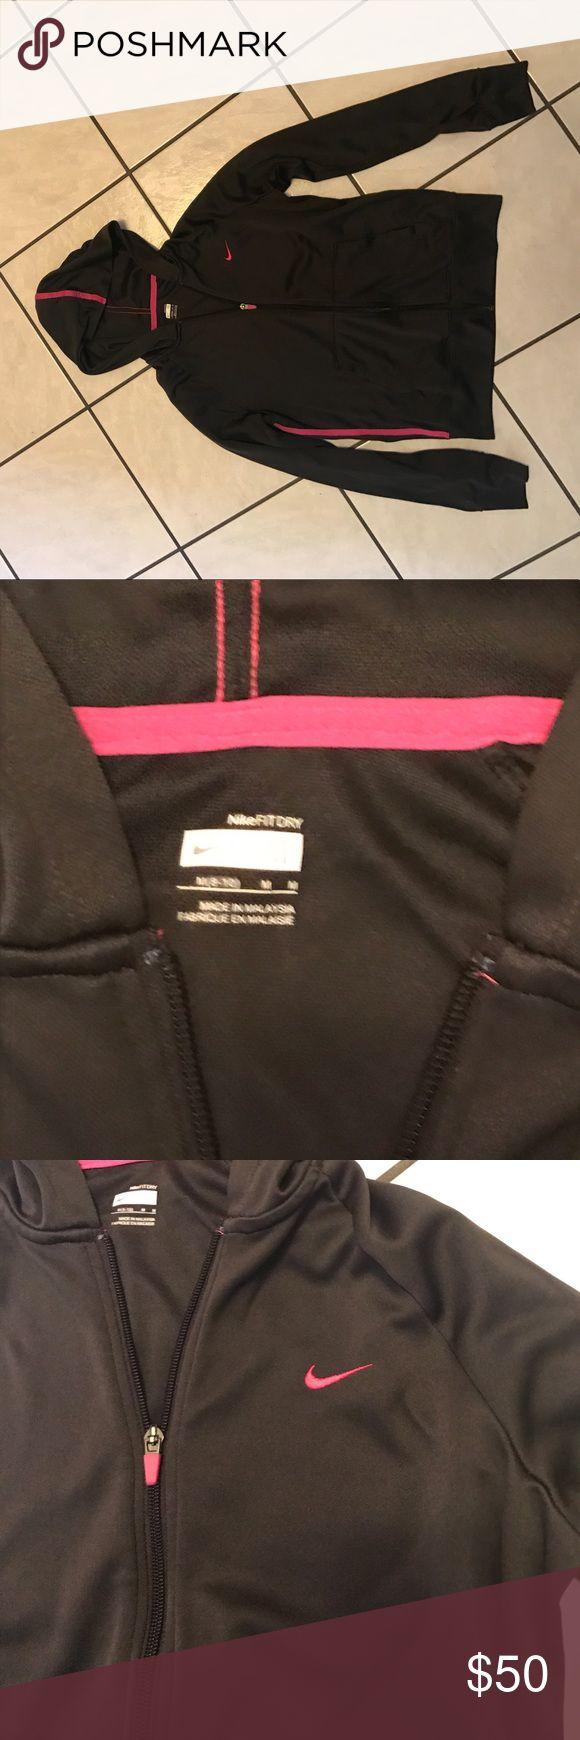 Nike zip-up hoodie •NWOT• size M Nike zip-up hoodie •NWOT• size M• brown with pink stripes on side, hood, and pink check Nike Tops Sweatshirts & Hoodies